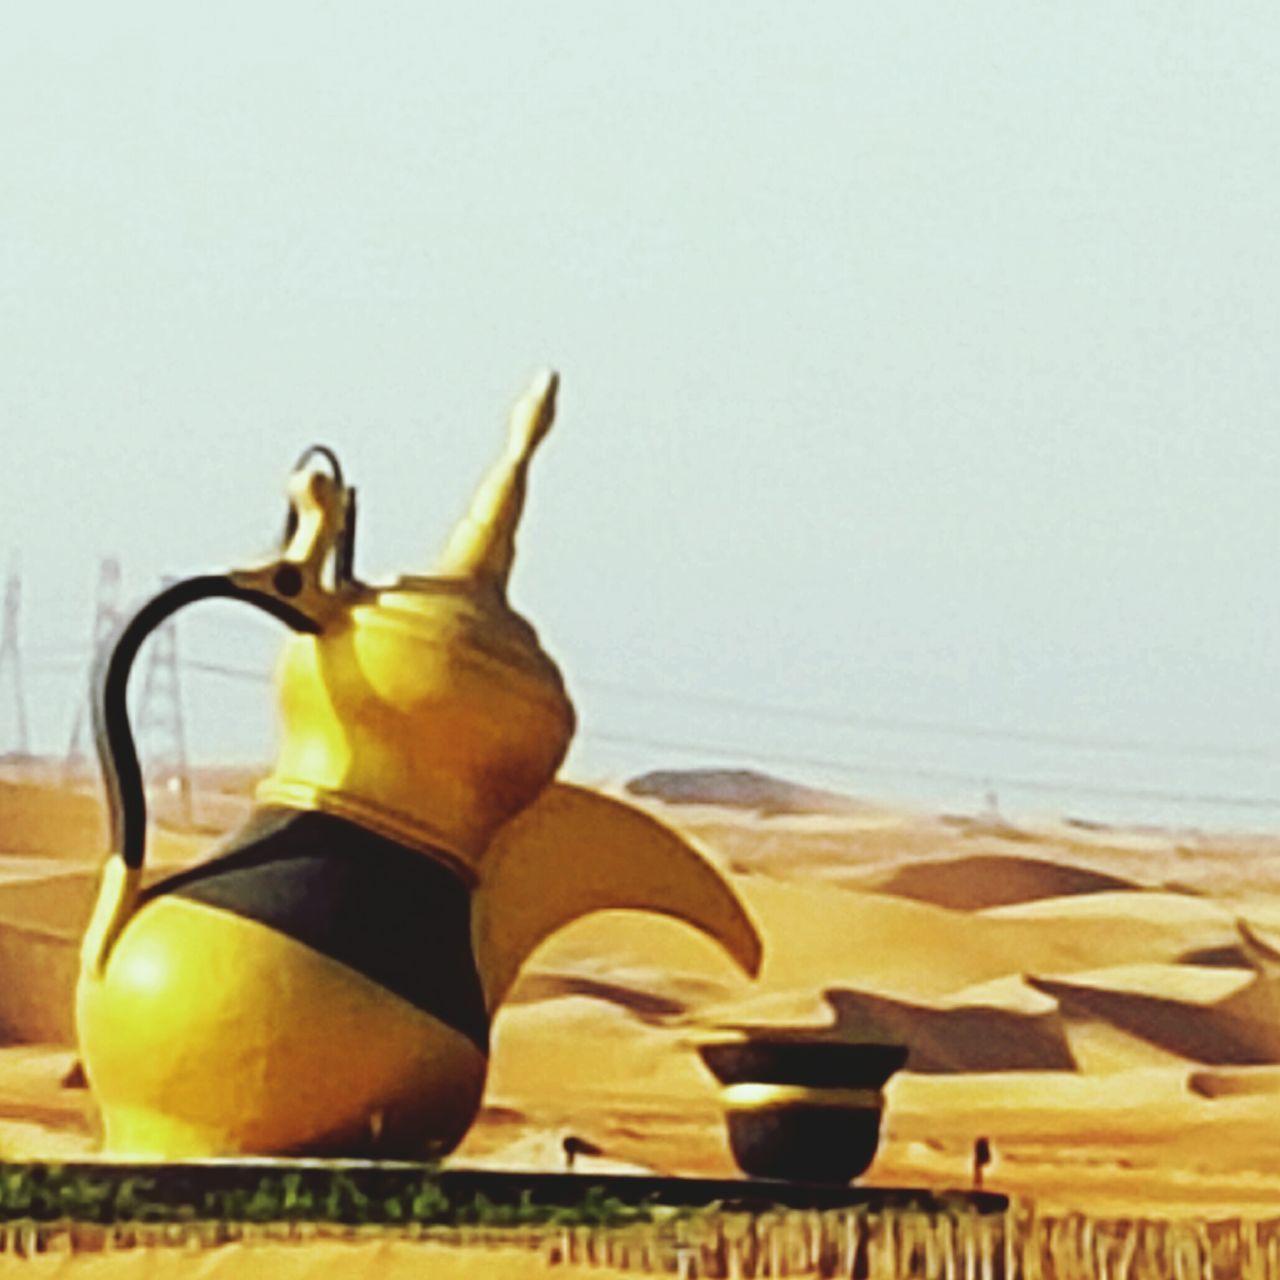 Arabic Arabic Art Arabian Peninsula Desert Arabic Architecture Arabic Coffee Arabic Culture Arabicacoffee Arabiccoffeepot Arabcoffeepot